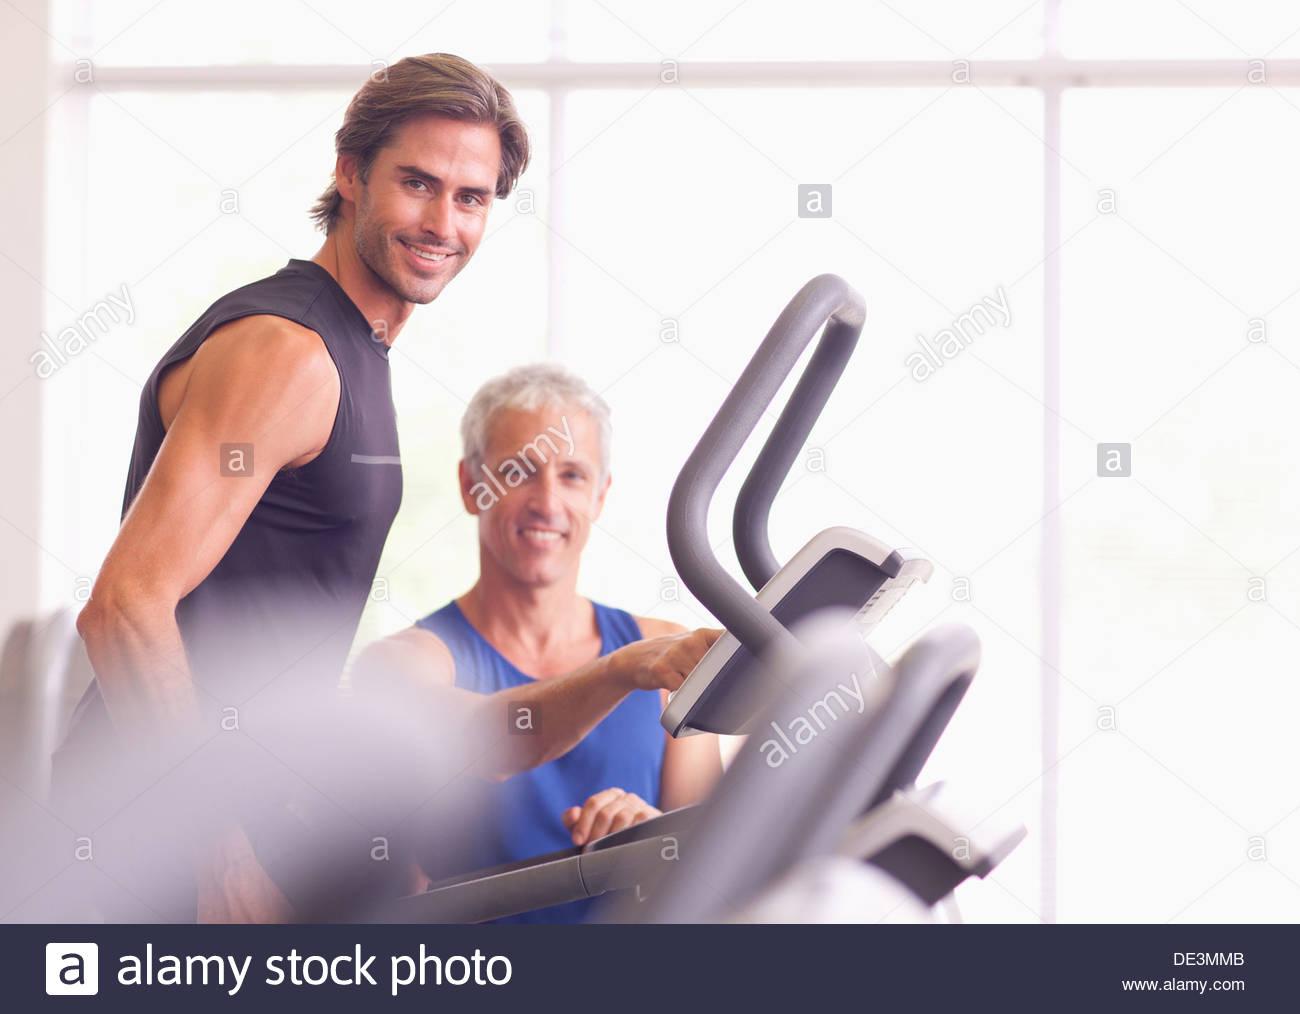 Hommes parler sur tapis roulant dans un gymnase Photo Stock